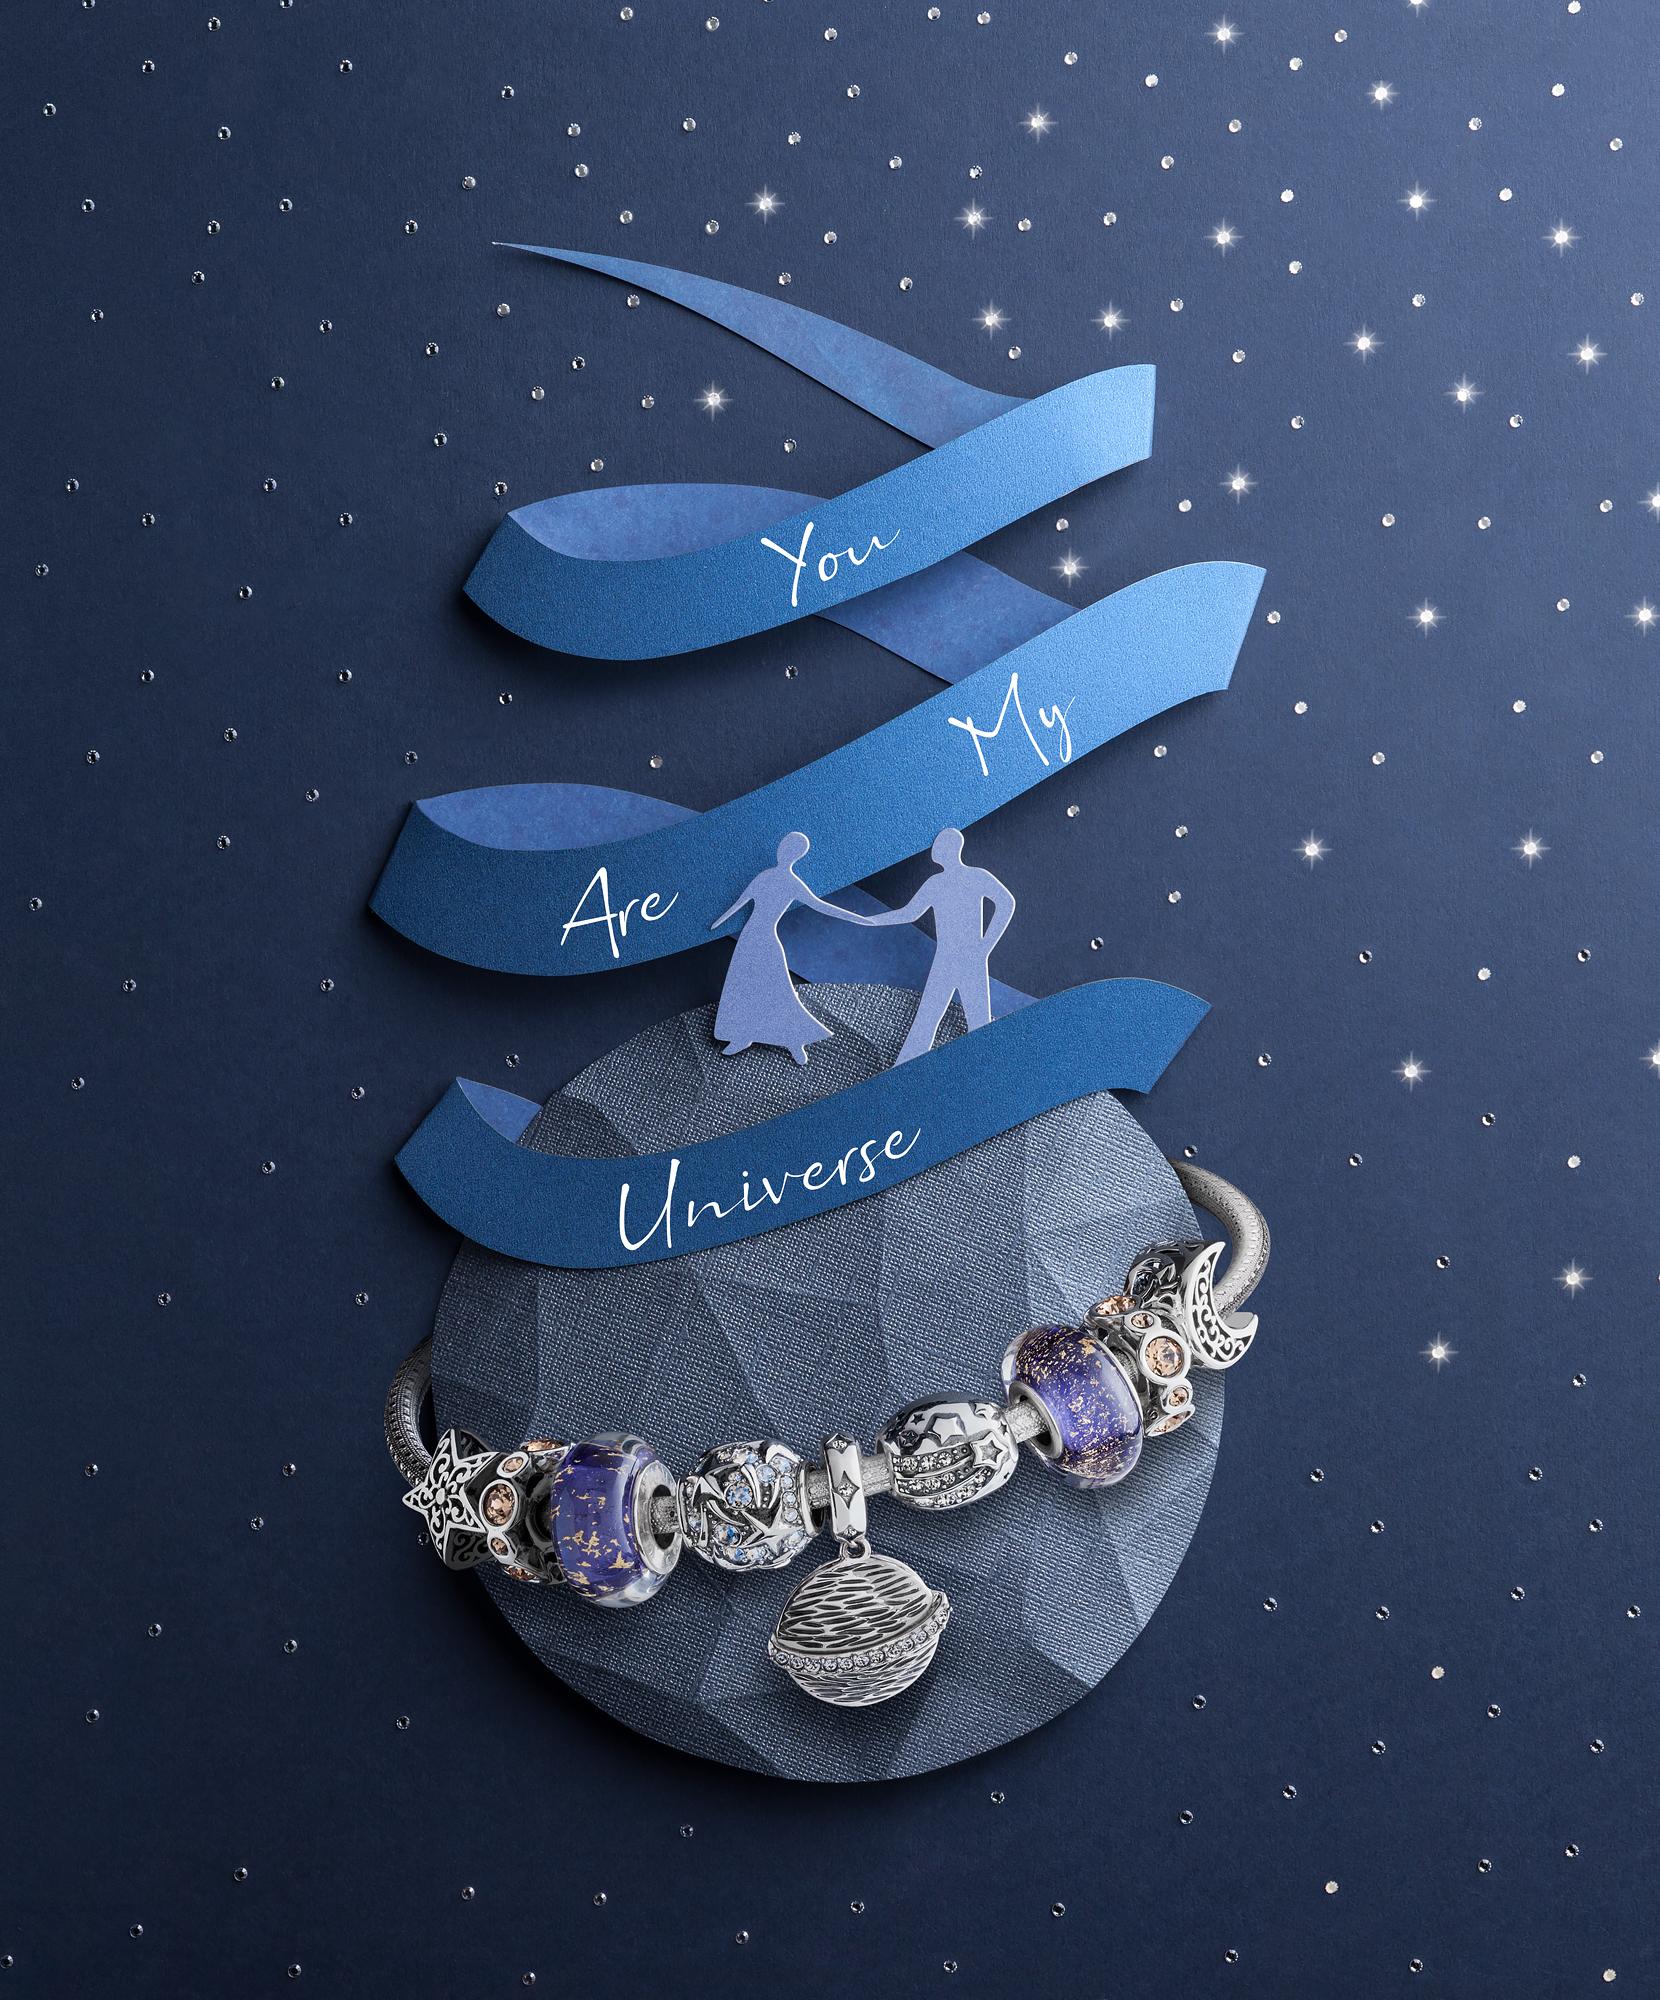 Jewelry_13.jpg